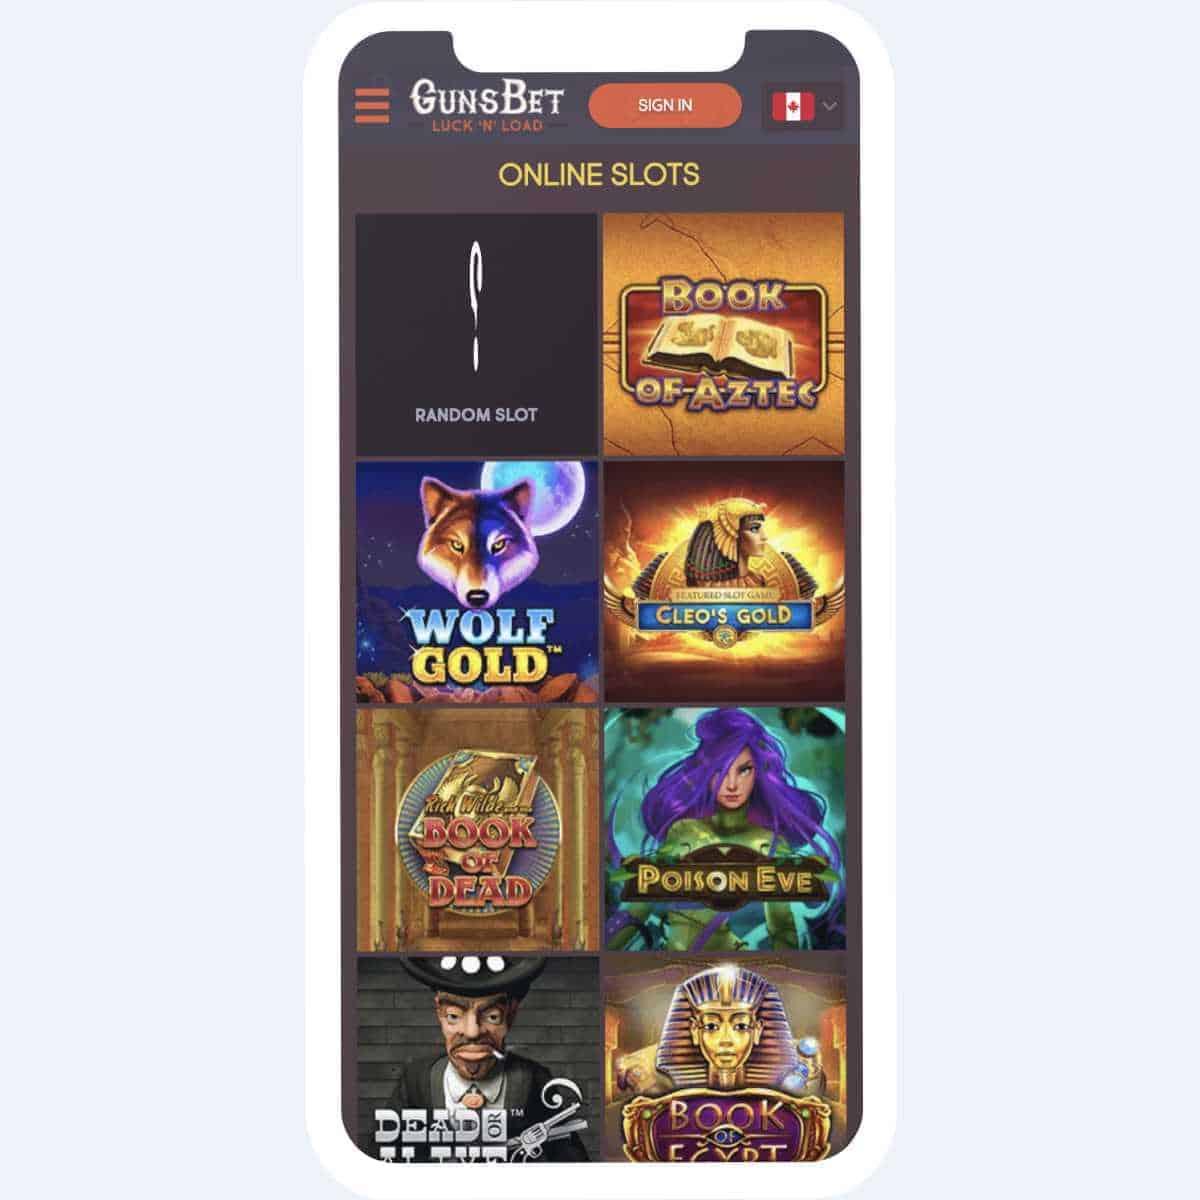 gunsbet online slots mobile